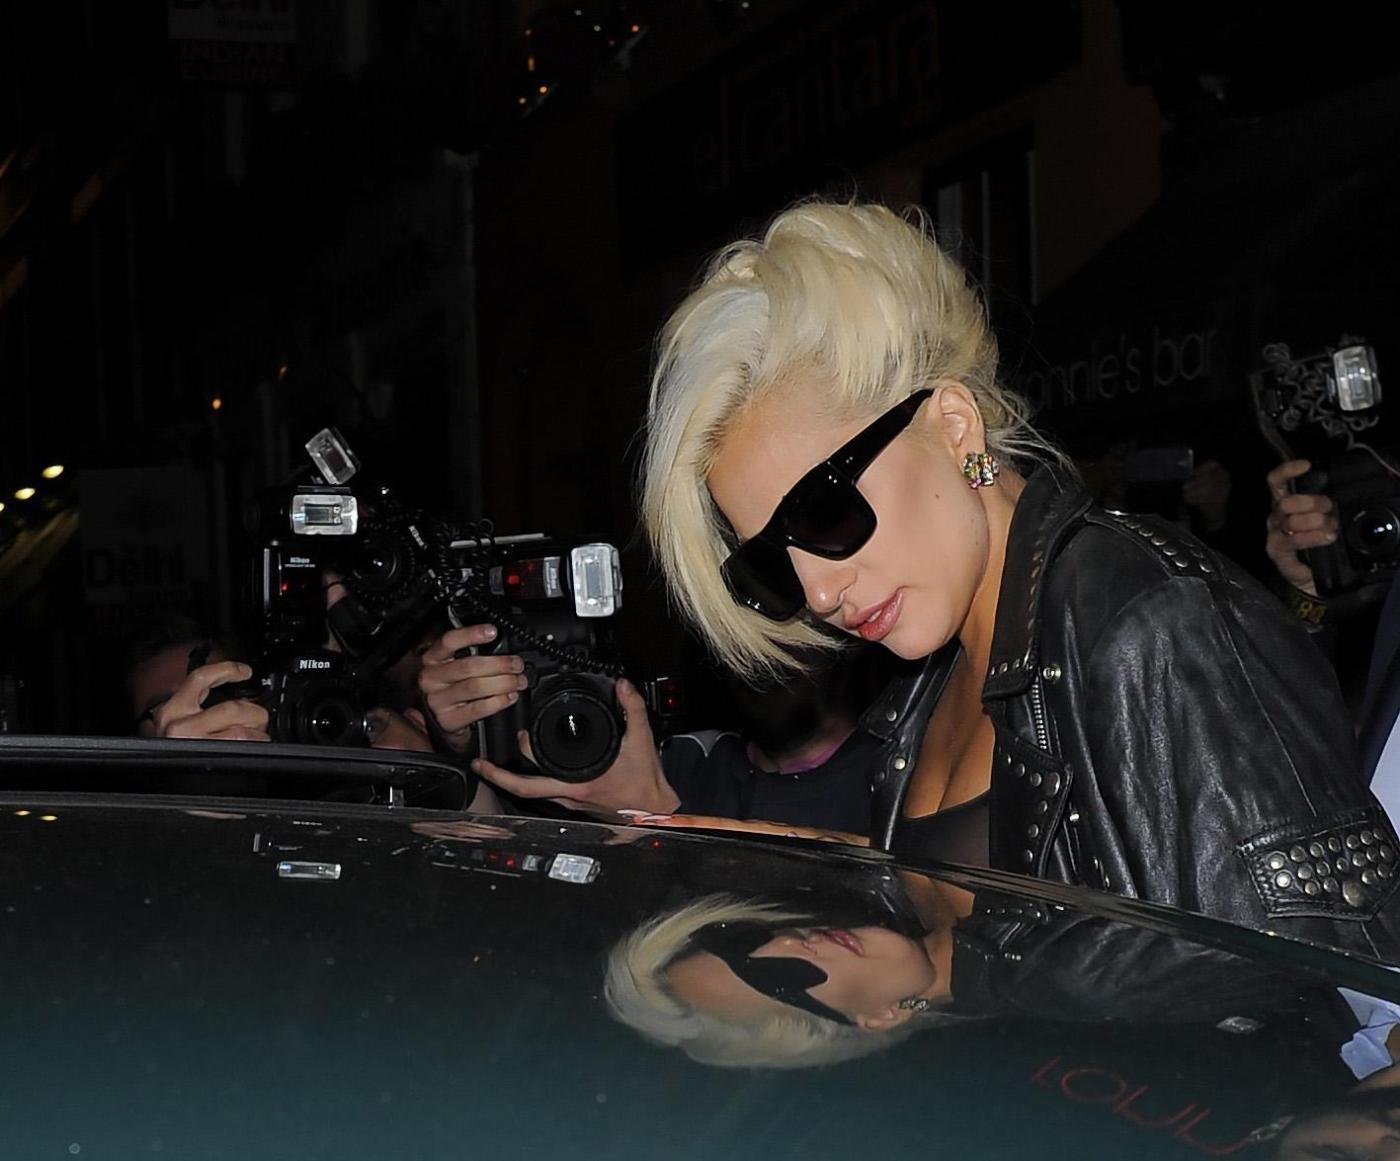 Lady Gaga, calze rotte e body trasparente in giro per Londra FOTO 1